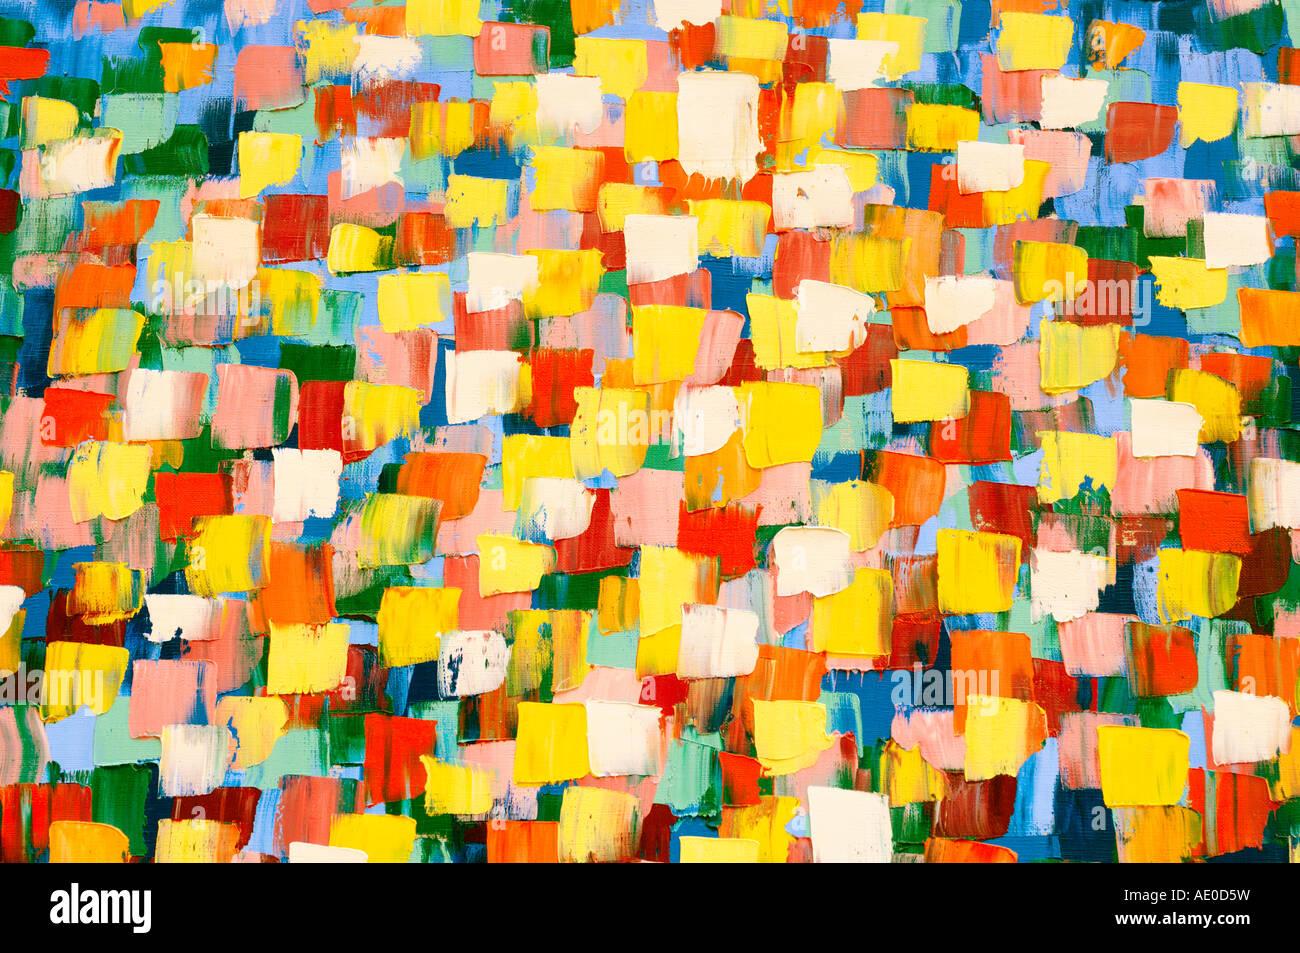 Pintura al óleo psicodélico abstracta en brillantes colores amarillo Imagen De Stock